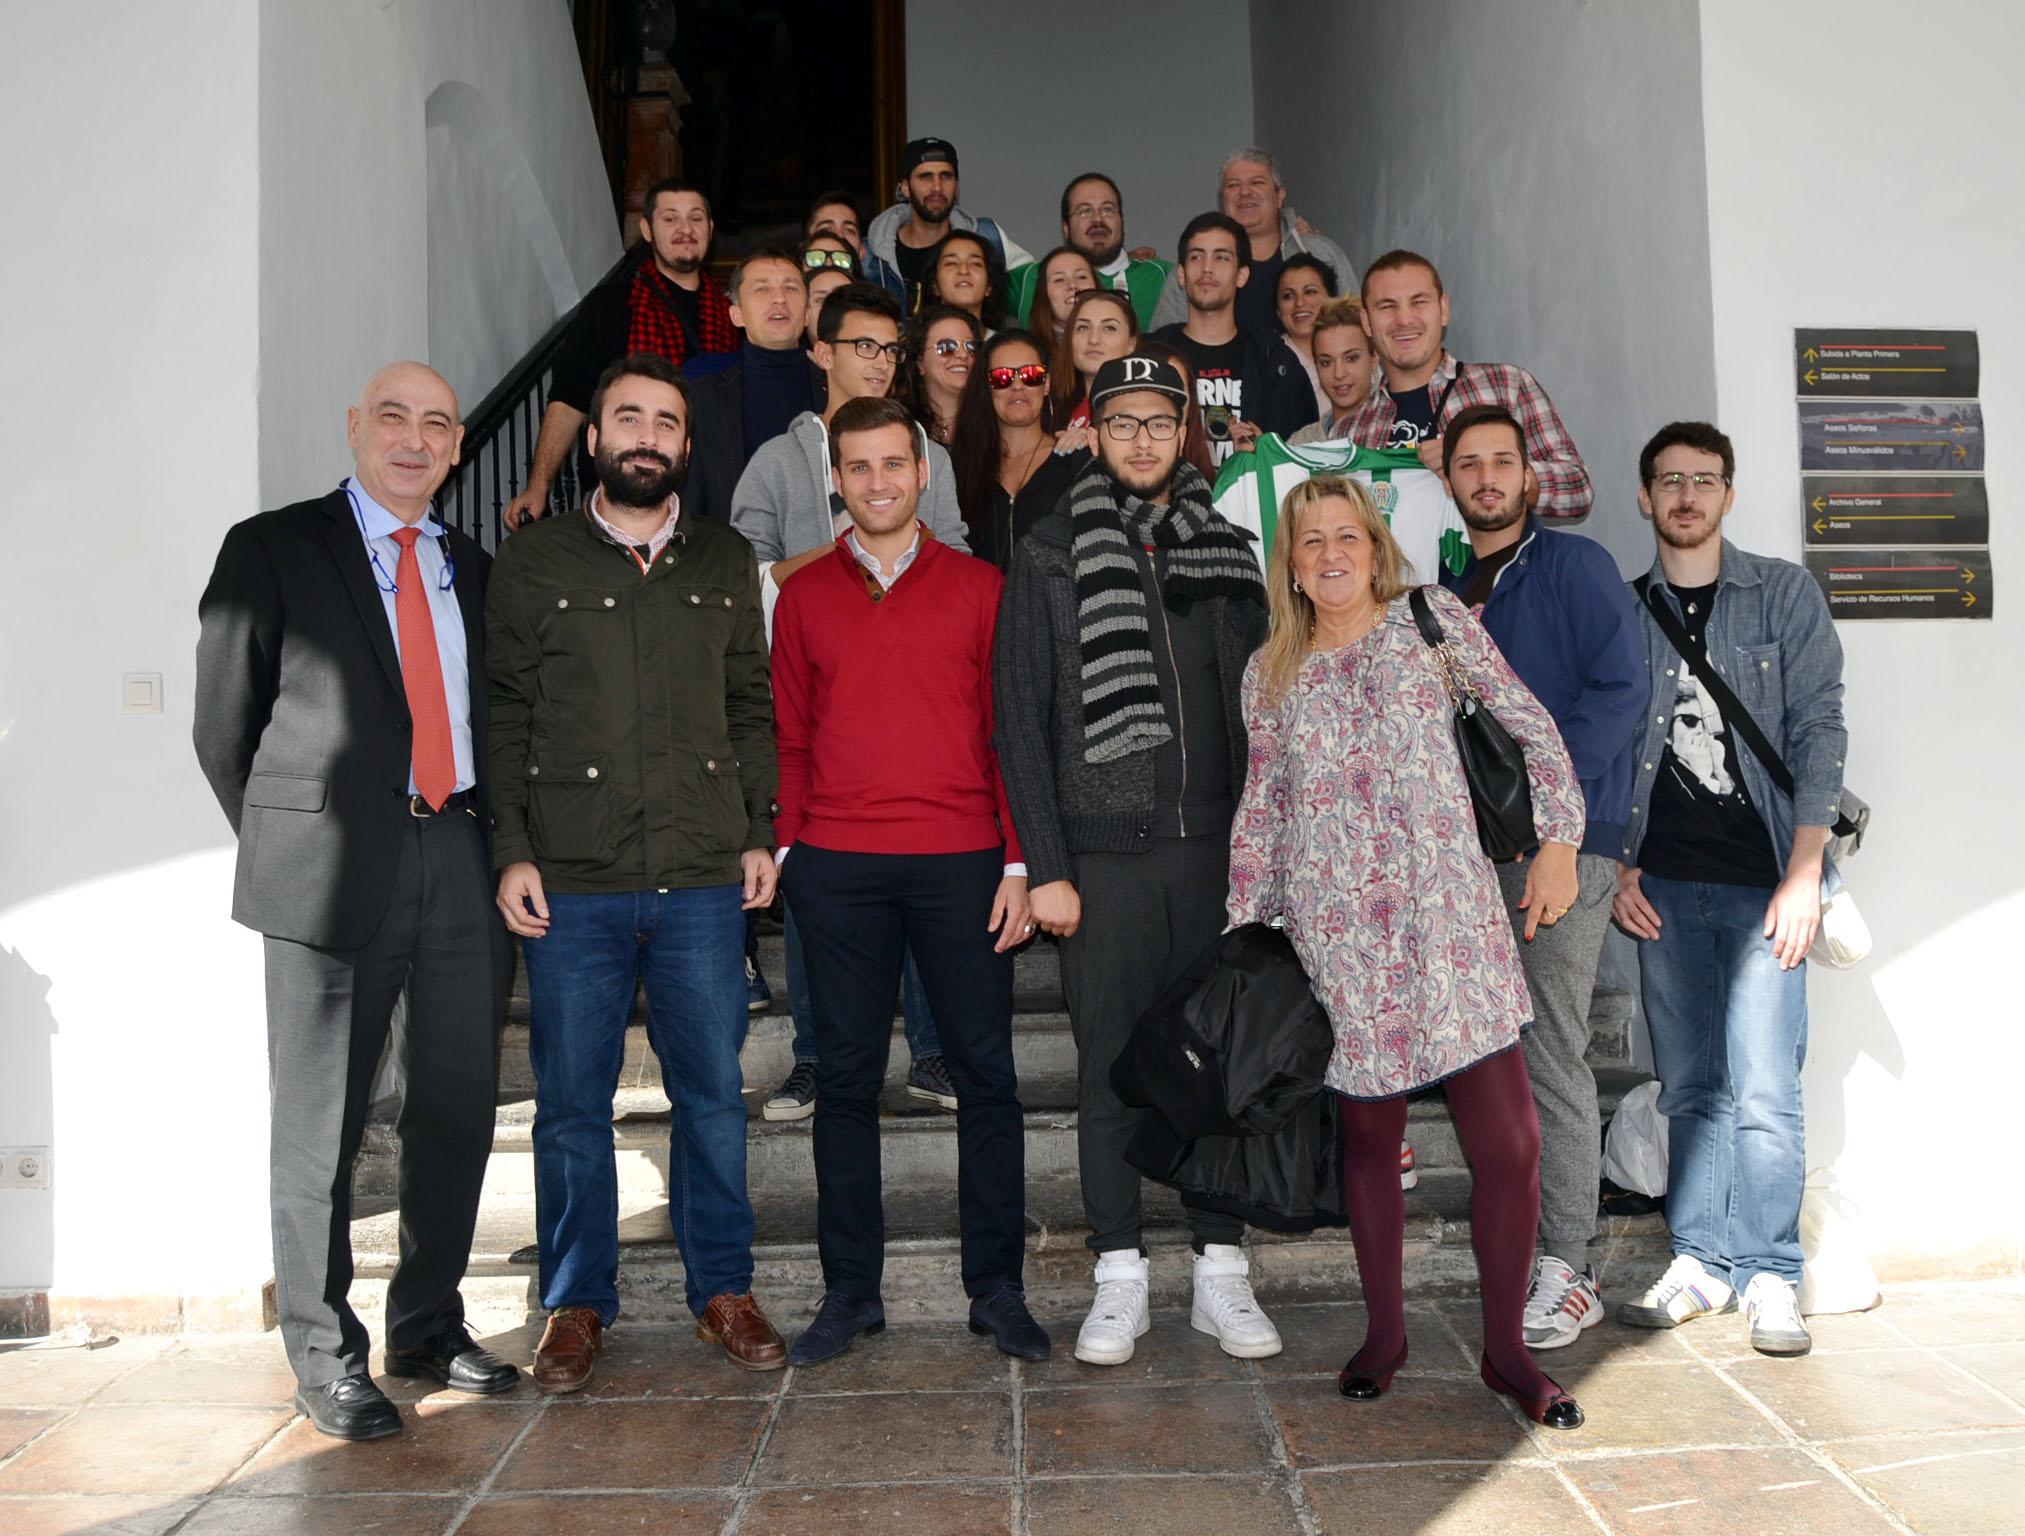 Visita intercambio Erasmus Plus, Fundación Cordoba CF.4 de noviembre 2015.